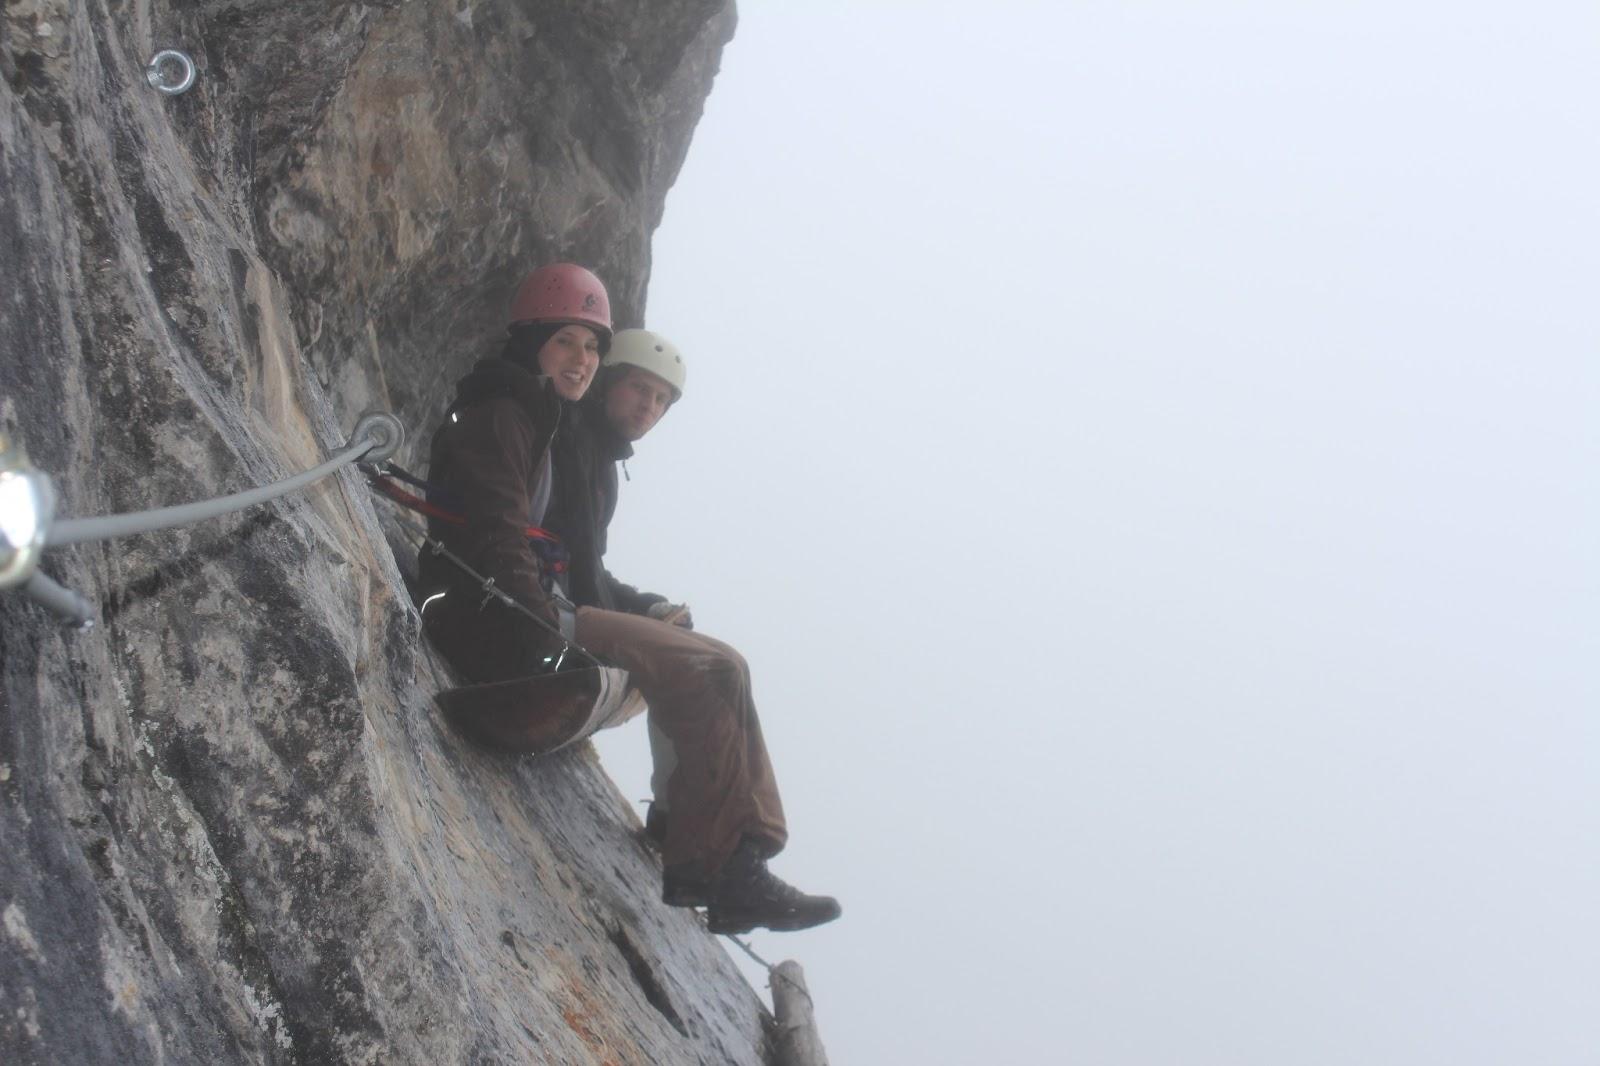 Hexensteig Klettersteig : Klettersteig tierbergli bergsteigen